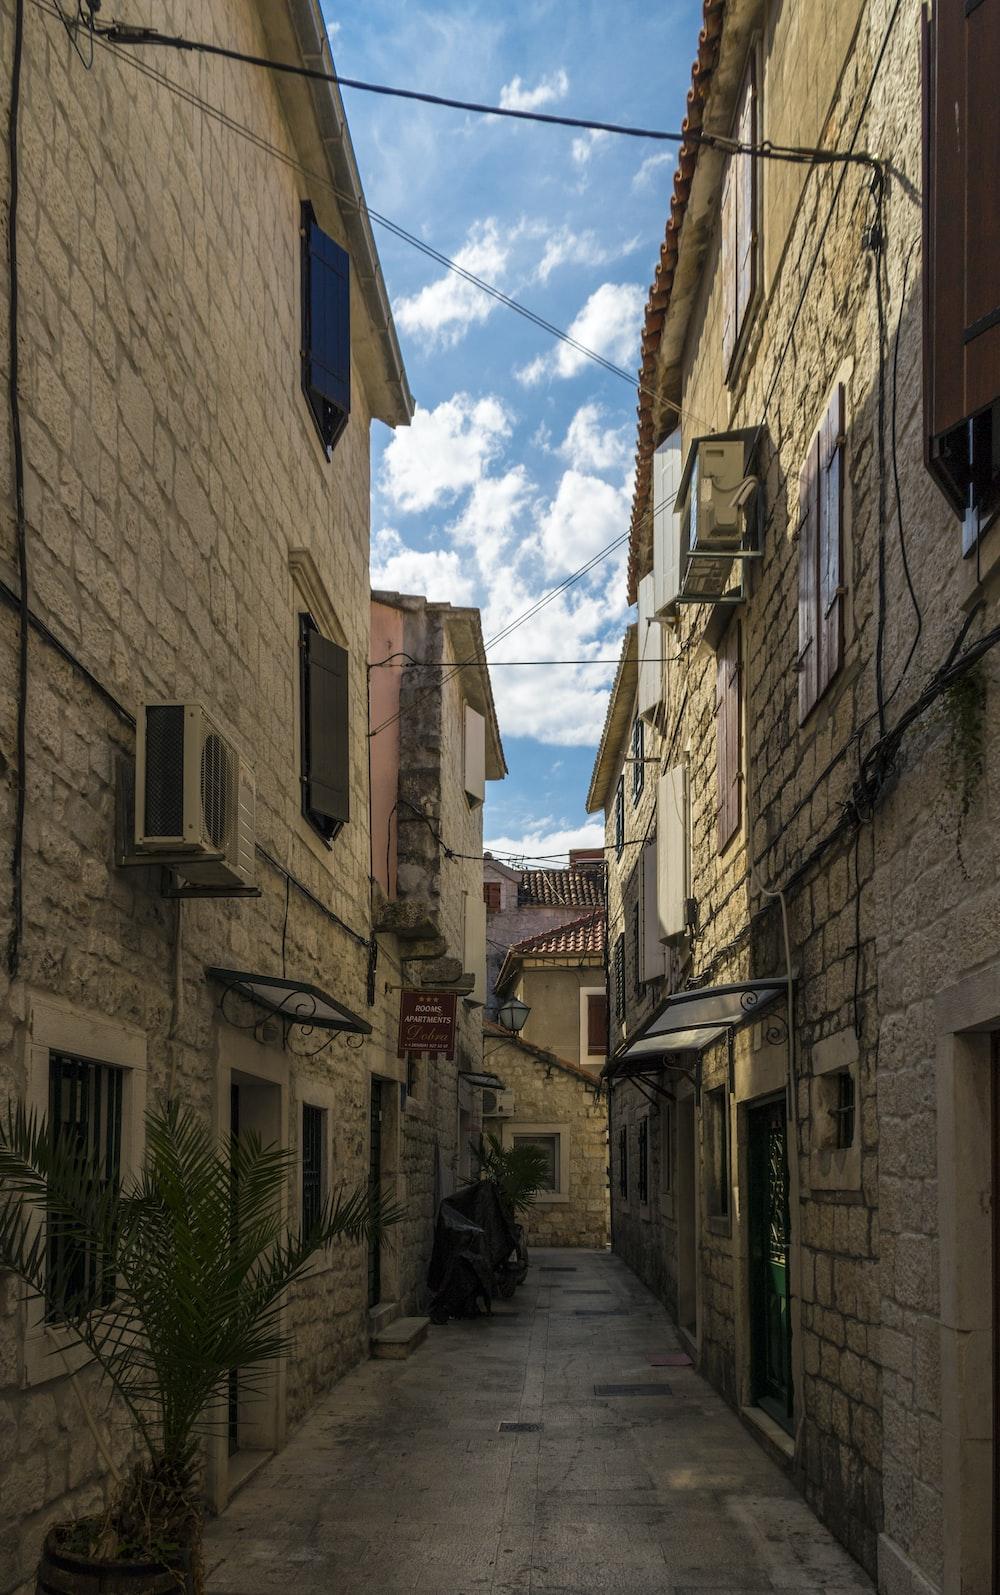 alleyway near houses